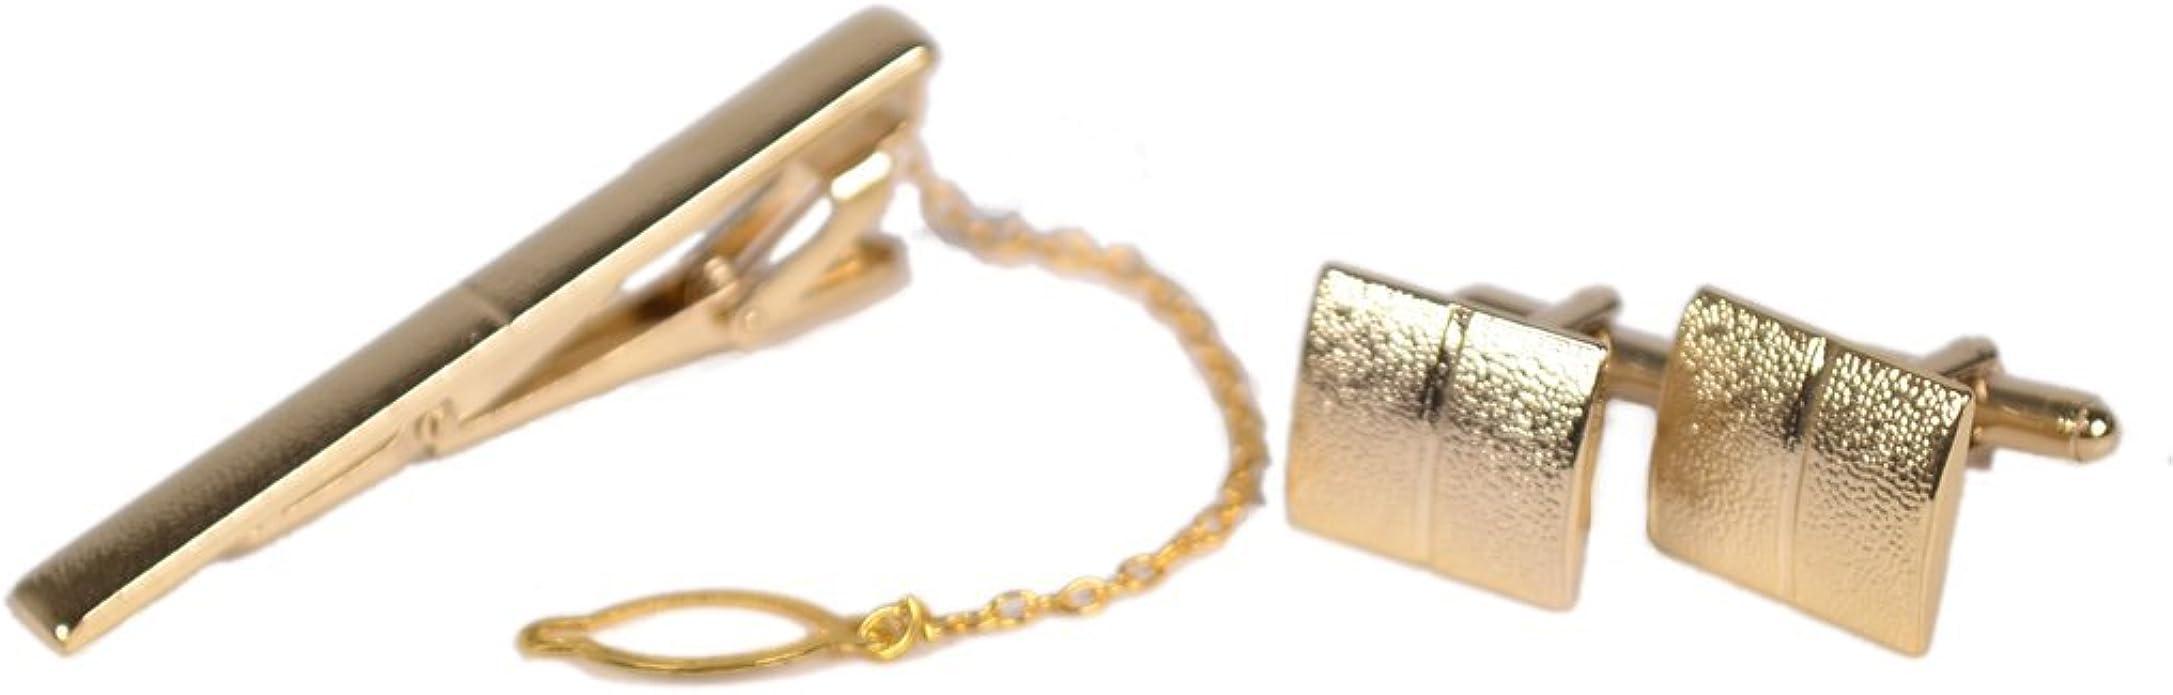 Set de gemelos y pisacorbatas para hombre, de cobre dorado, para camisa de negocios o boda: Amazon.es: Joyería